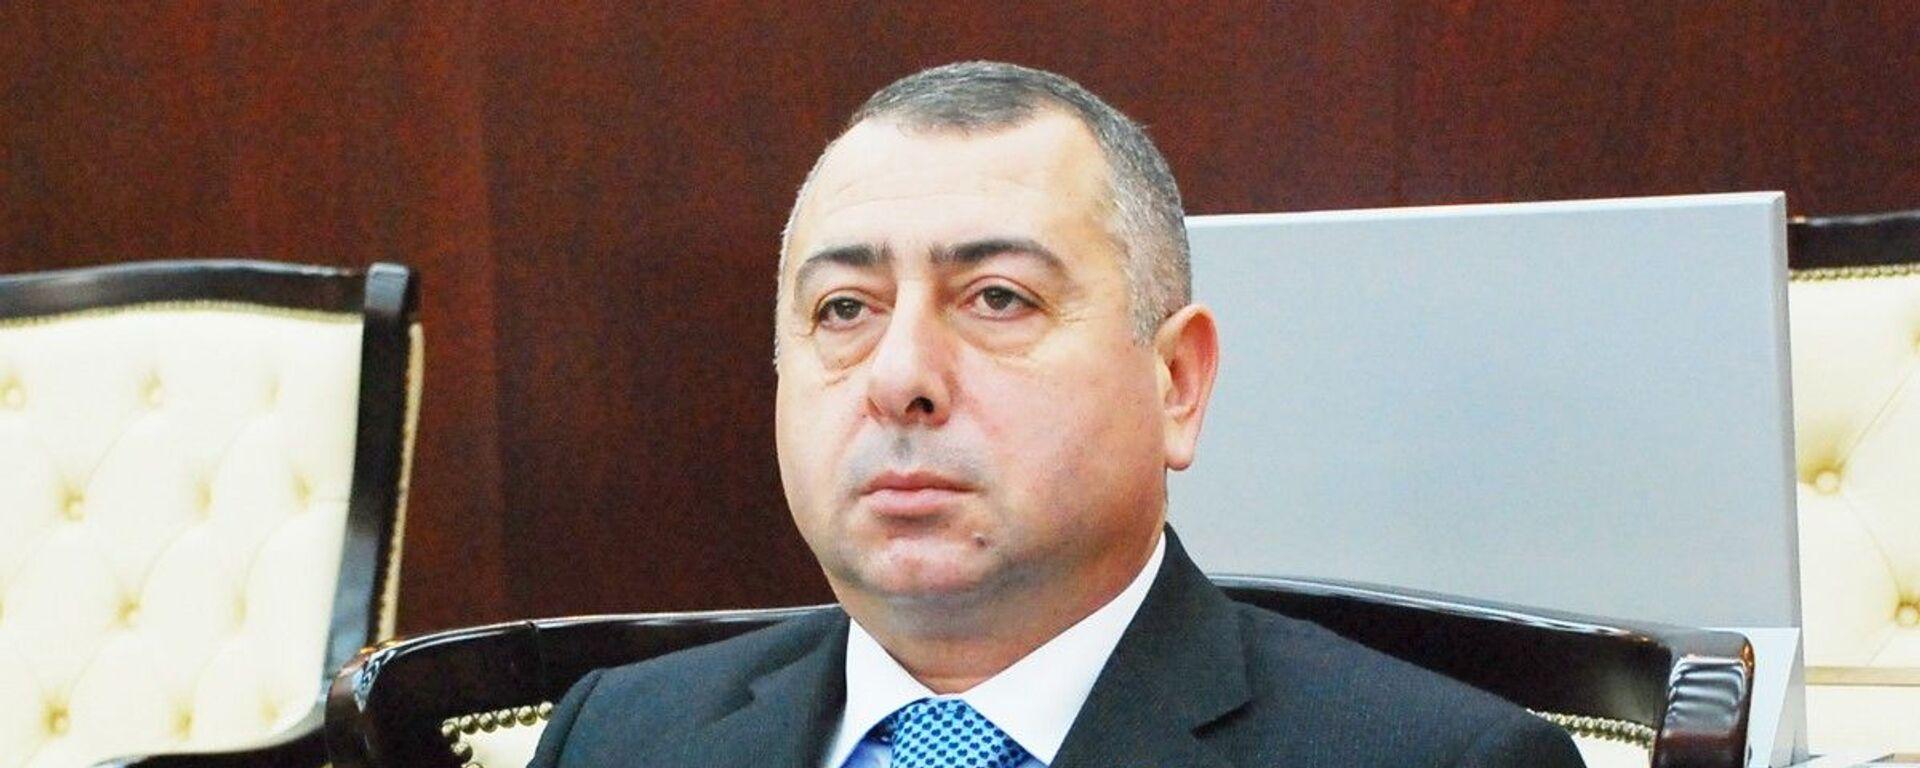 Rafael Cəbrayılov, arxiv şəkli - Sputnik Азербайджан, 1920, 02.04.2021